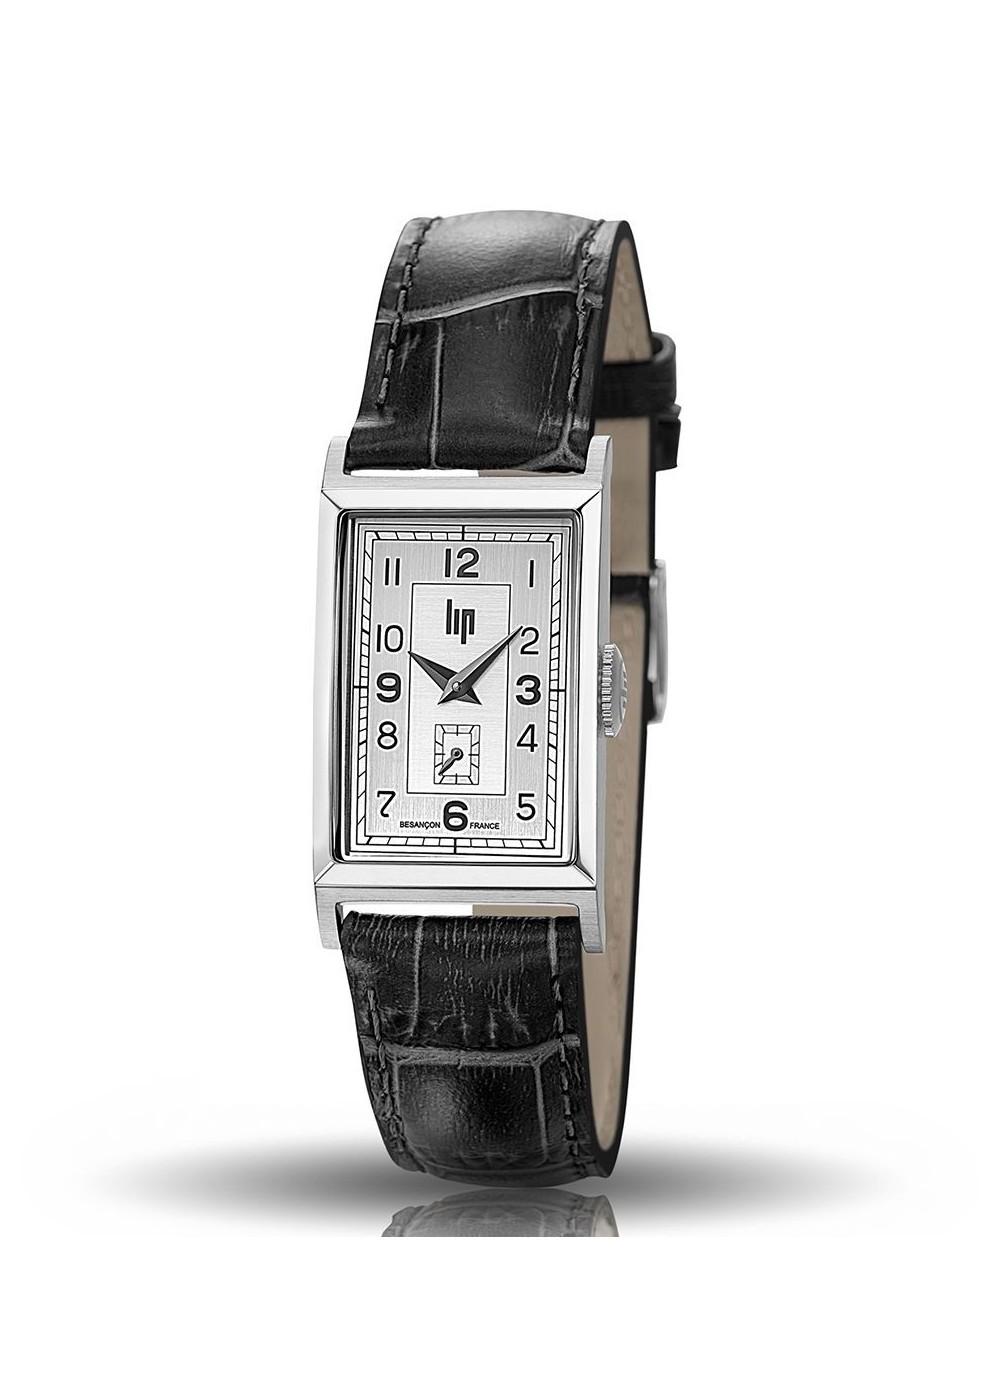 T18, Boitier acier gris, Bracelet cuir noir croco, cadran 2 tons gris blanc, quartz, 671000